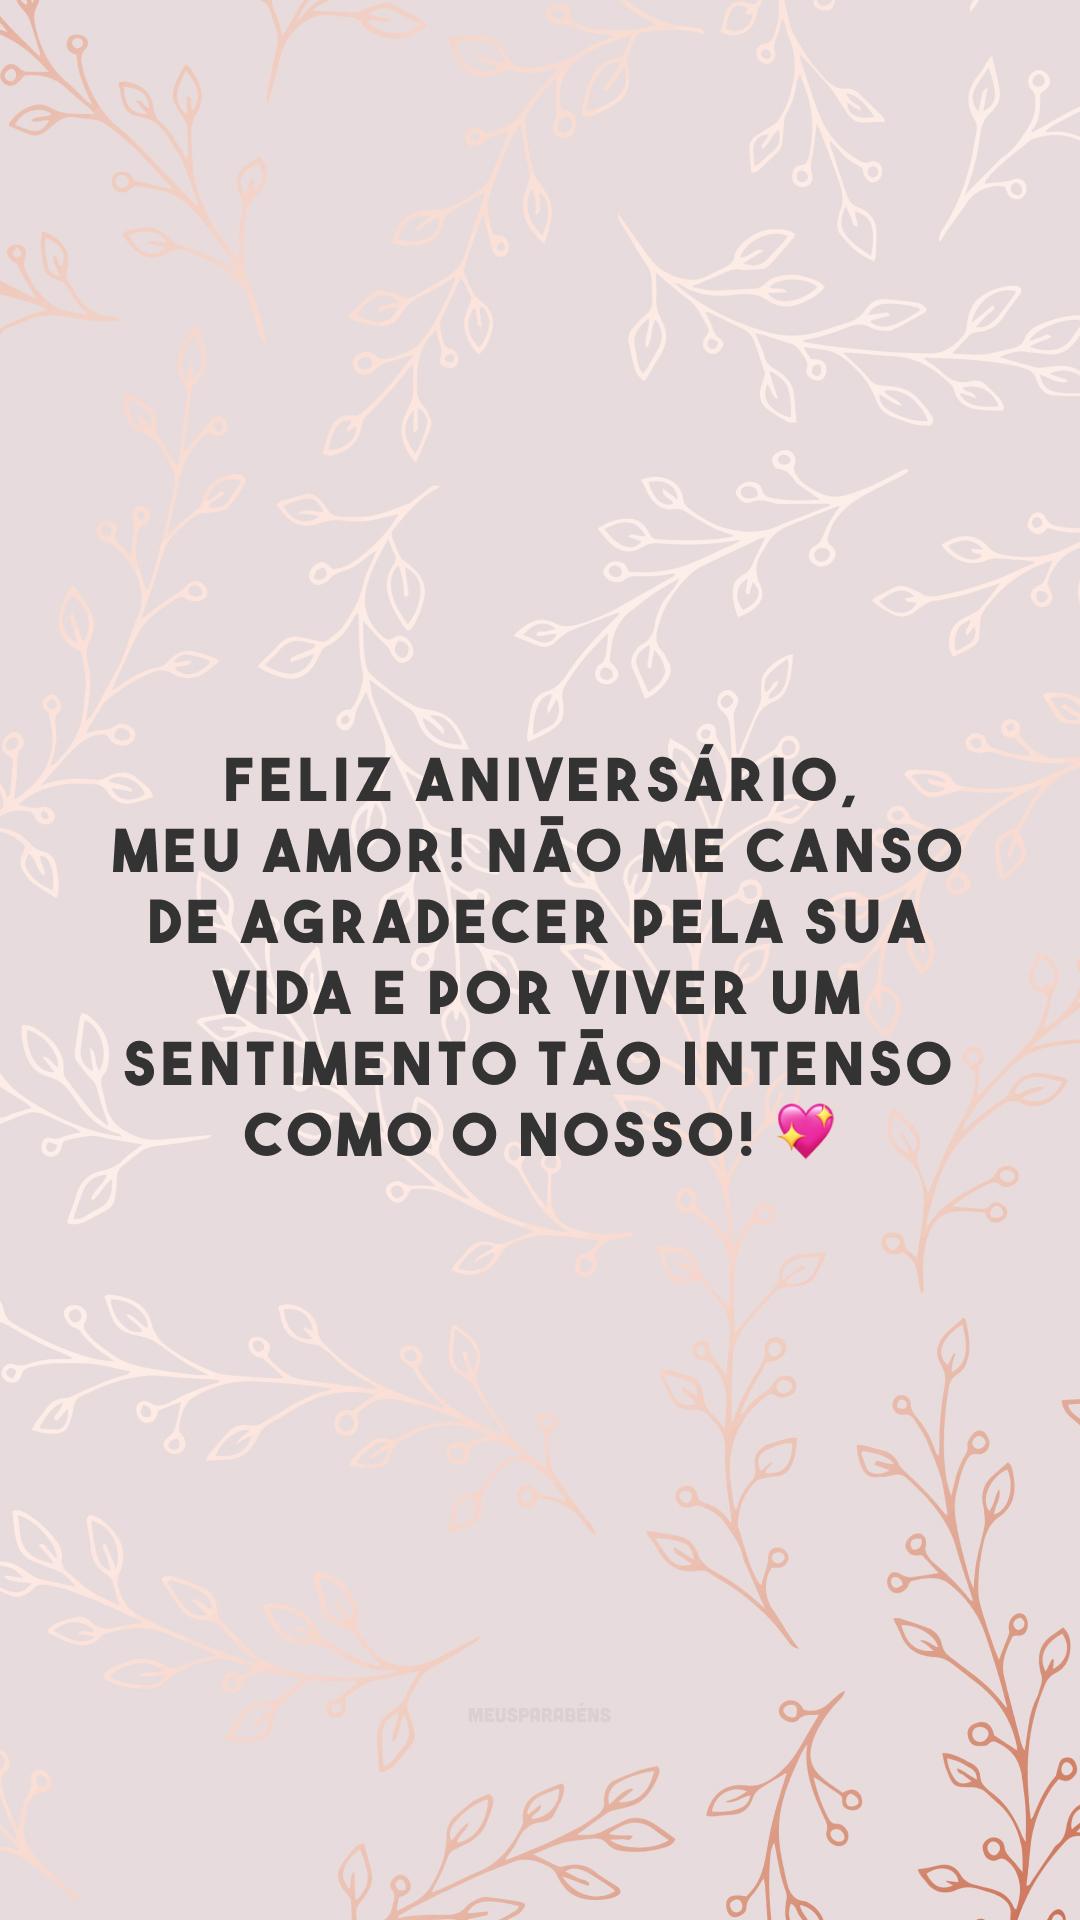 Feliz aniversário, meu amor! Não me canso de agradecer pela sua vida e por viver um sentimento tão intenso como o nosso! 💖